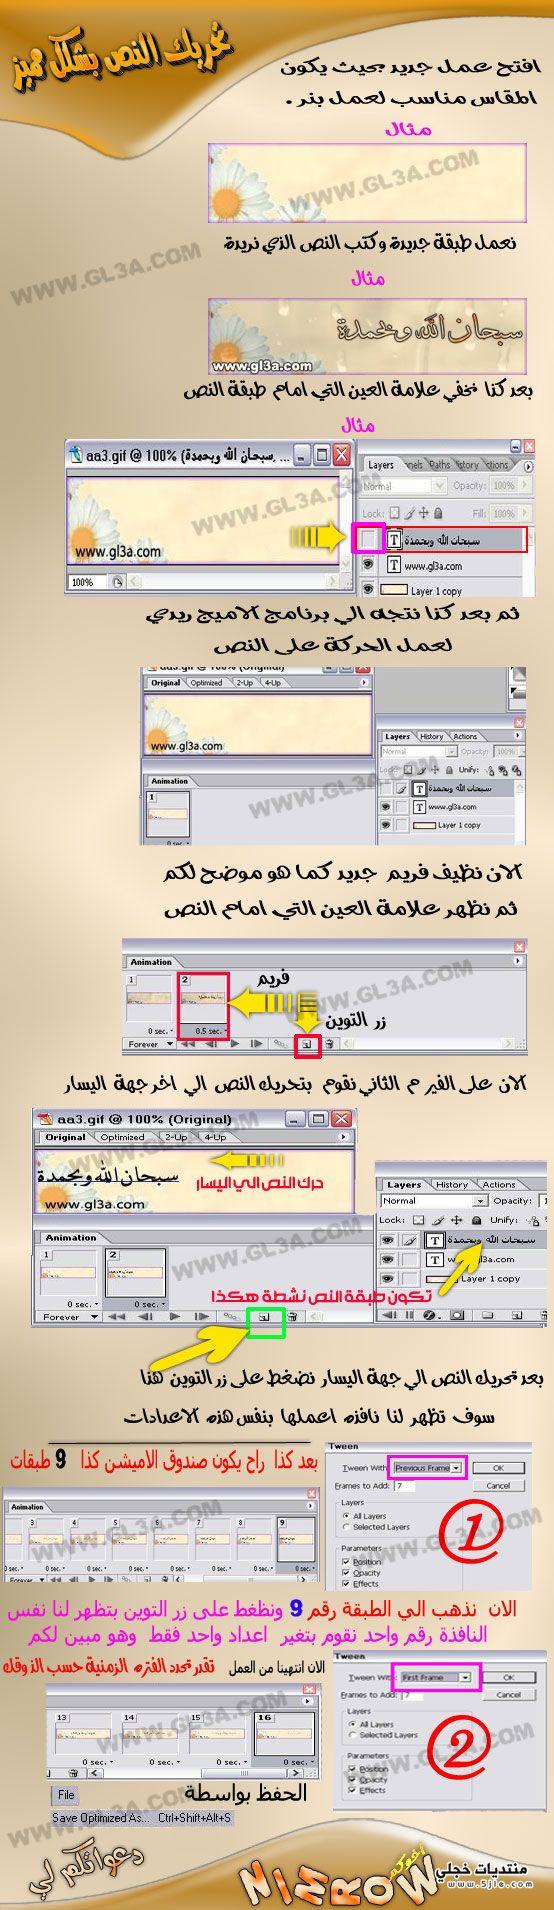 طريقة تحريك الكلام بالصورة 2012